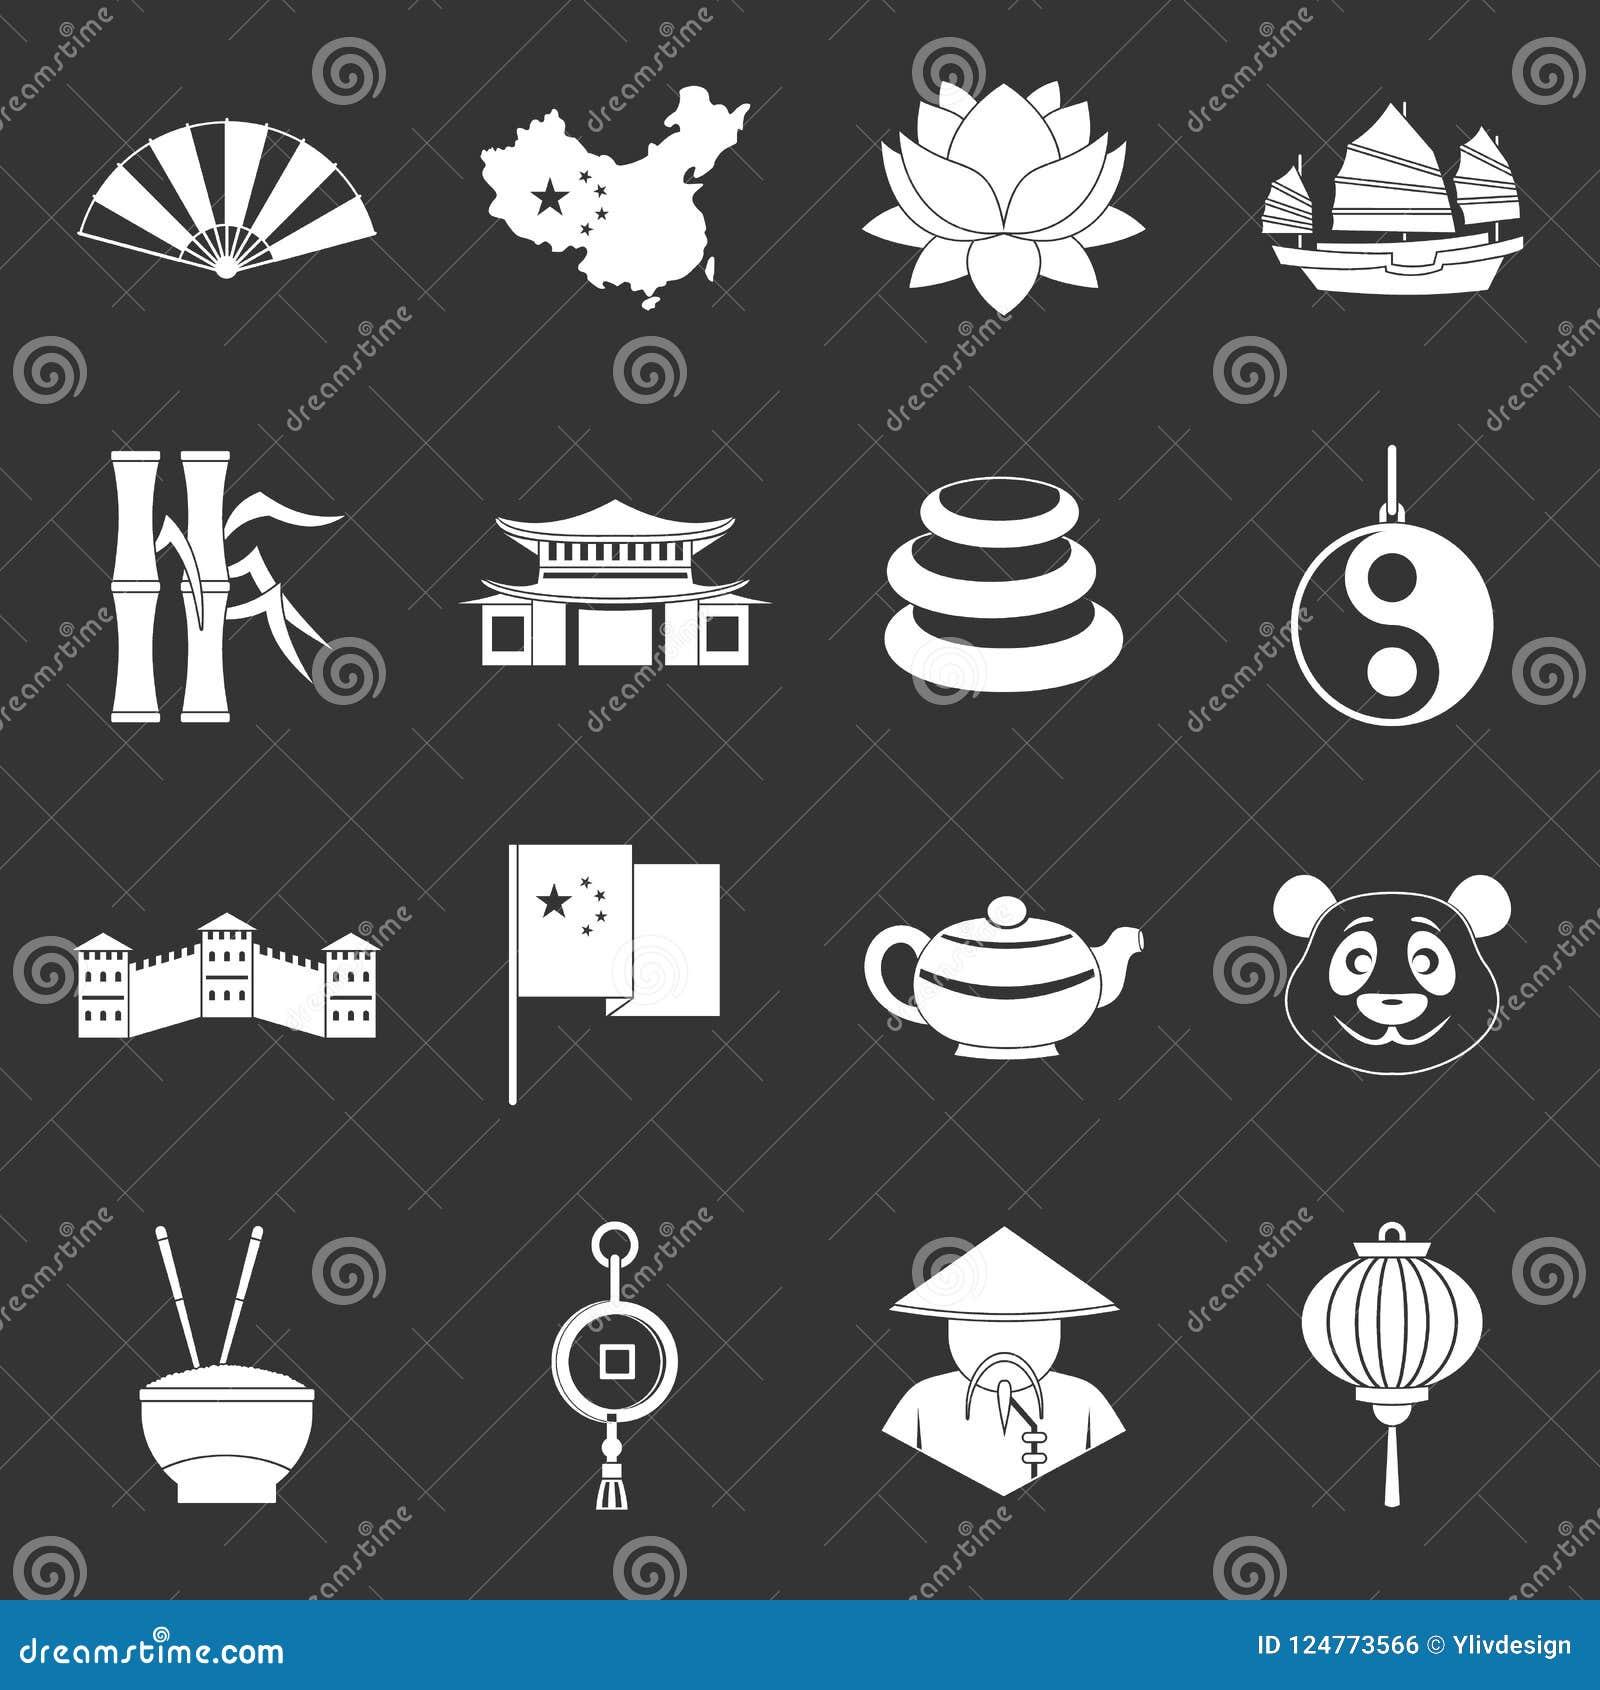 China travel symbols icons set grey